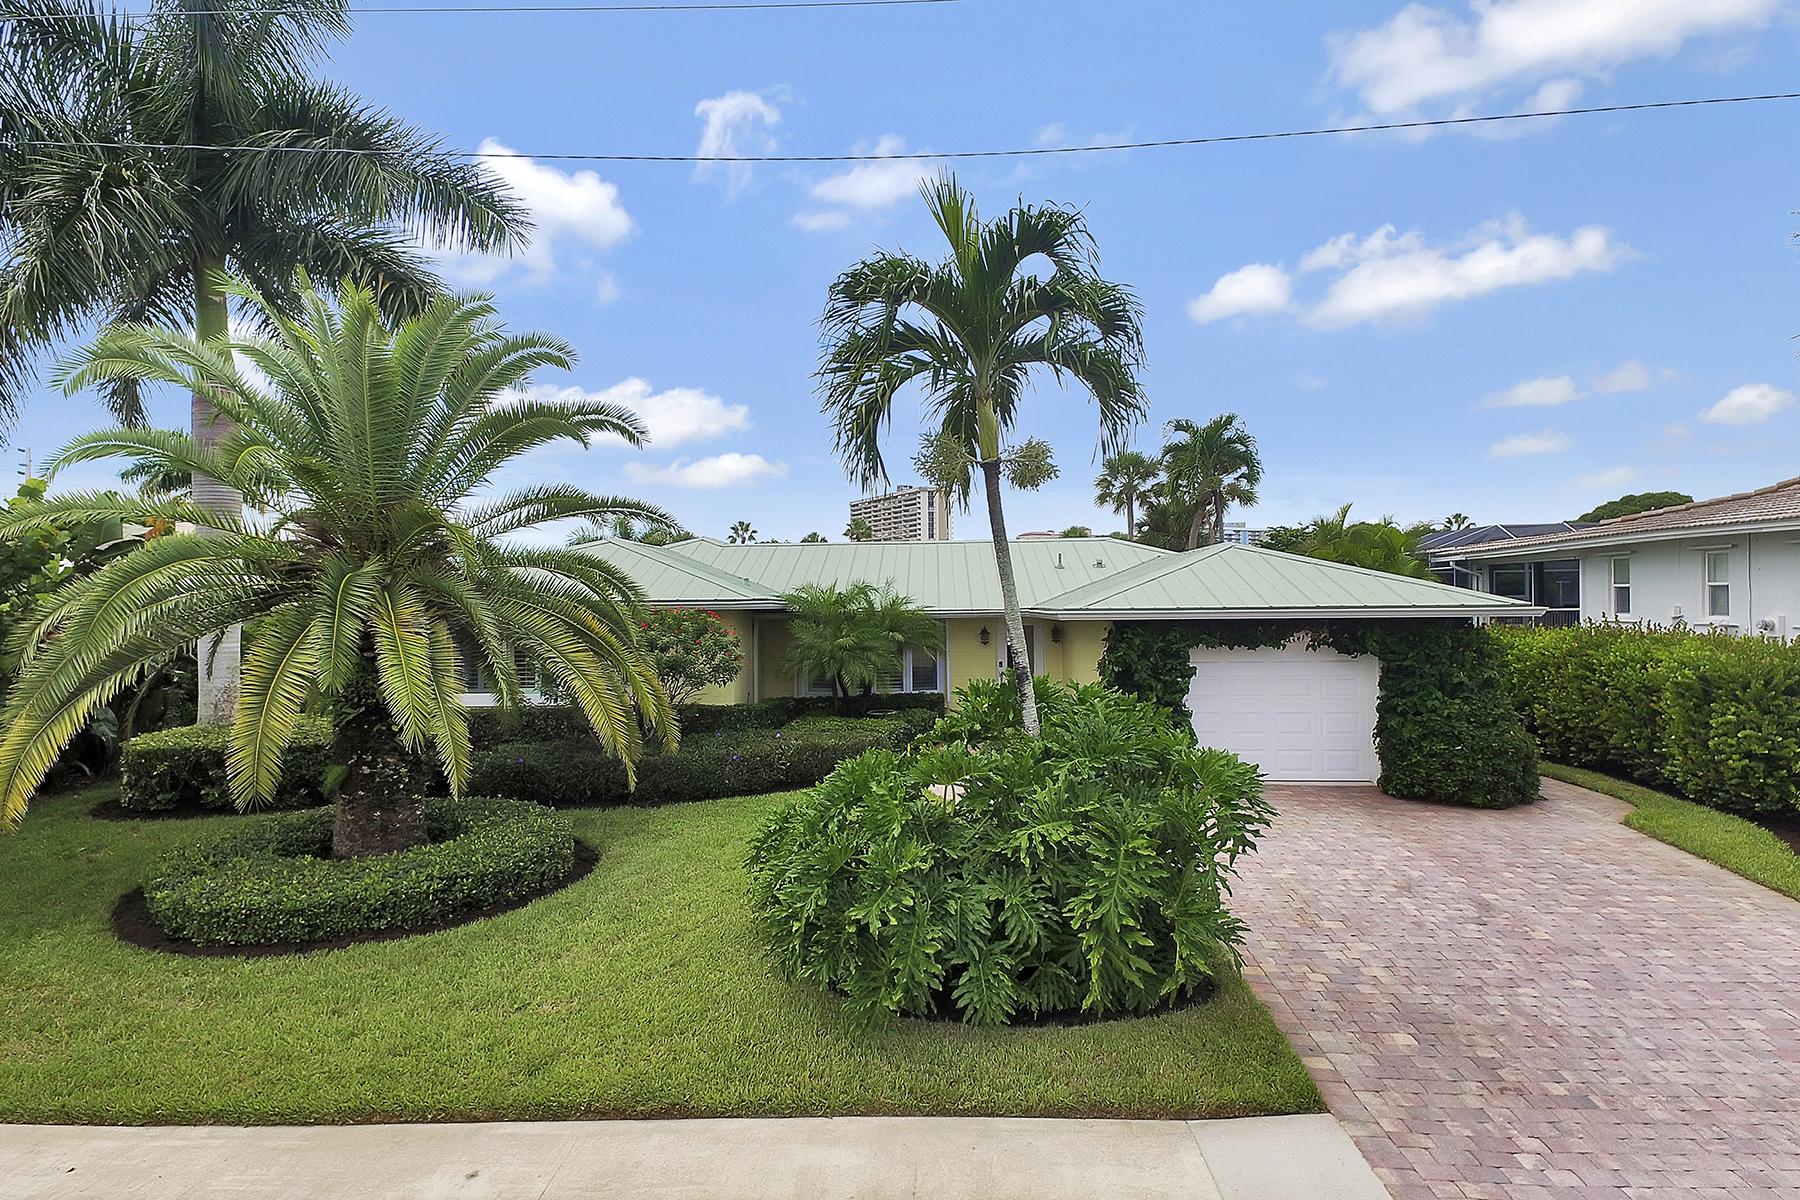 Nhà ở một gia đình vì Bán tại MARCO ISLAND - BUTTERCUP COURT 16 Buttercup Ct Marco Island, Florida 34145 Hoa Kỳ